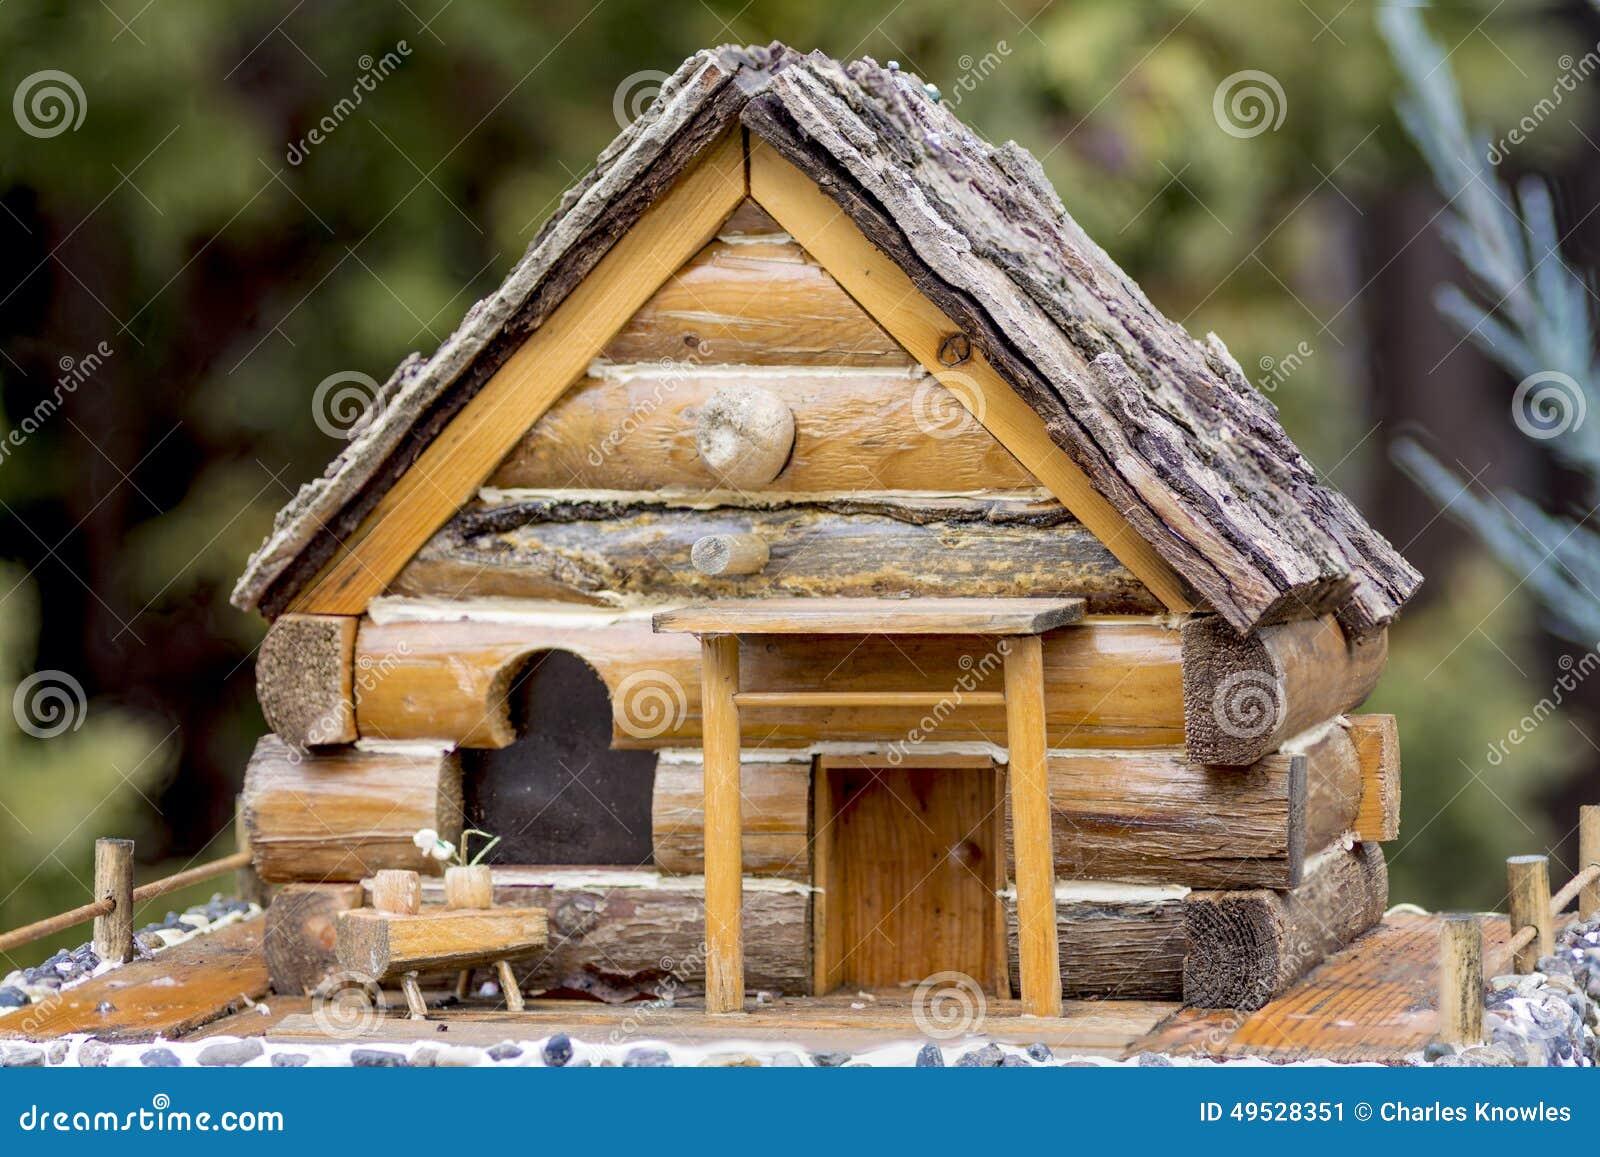 Maison Pour Oiseaux En Bois - Plan Rapproché D'une Petite Maison Pour Des Oiseaux Photo stock Image 49528351